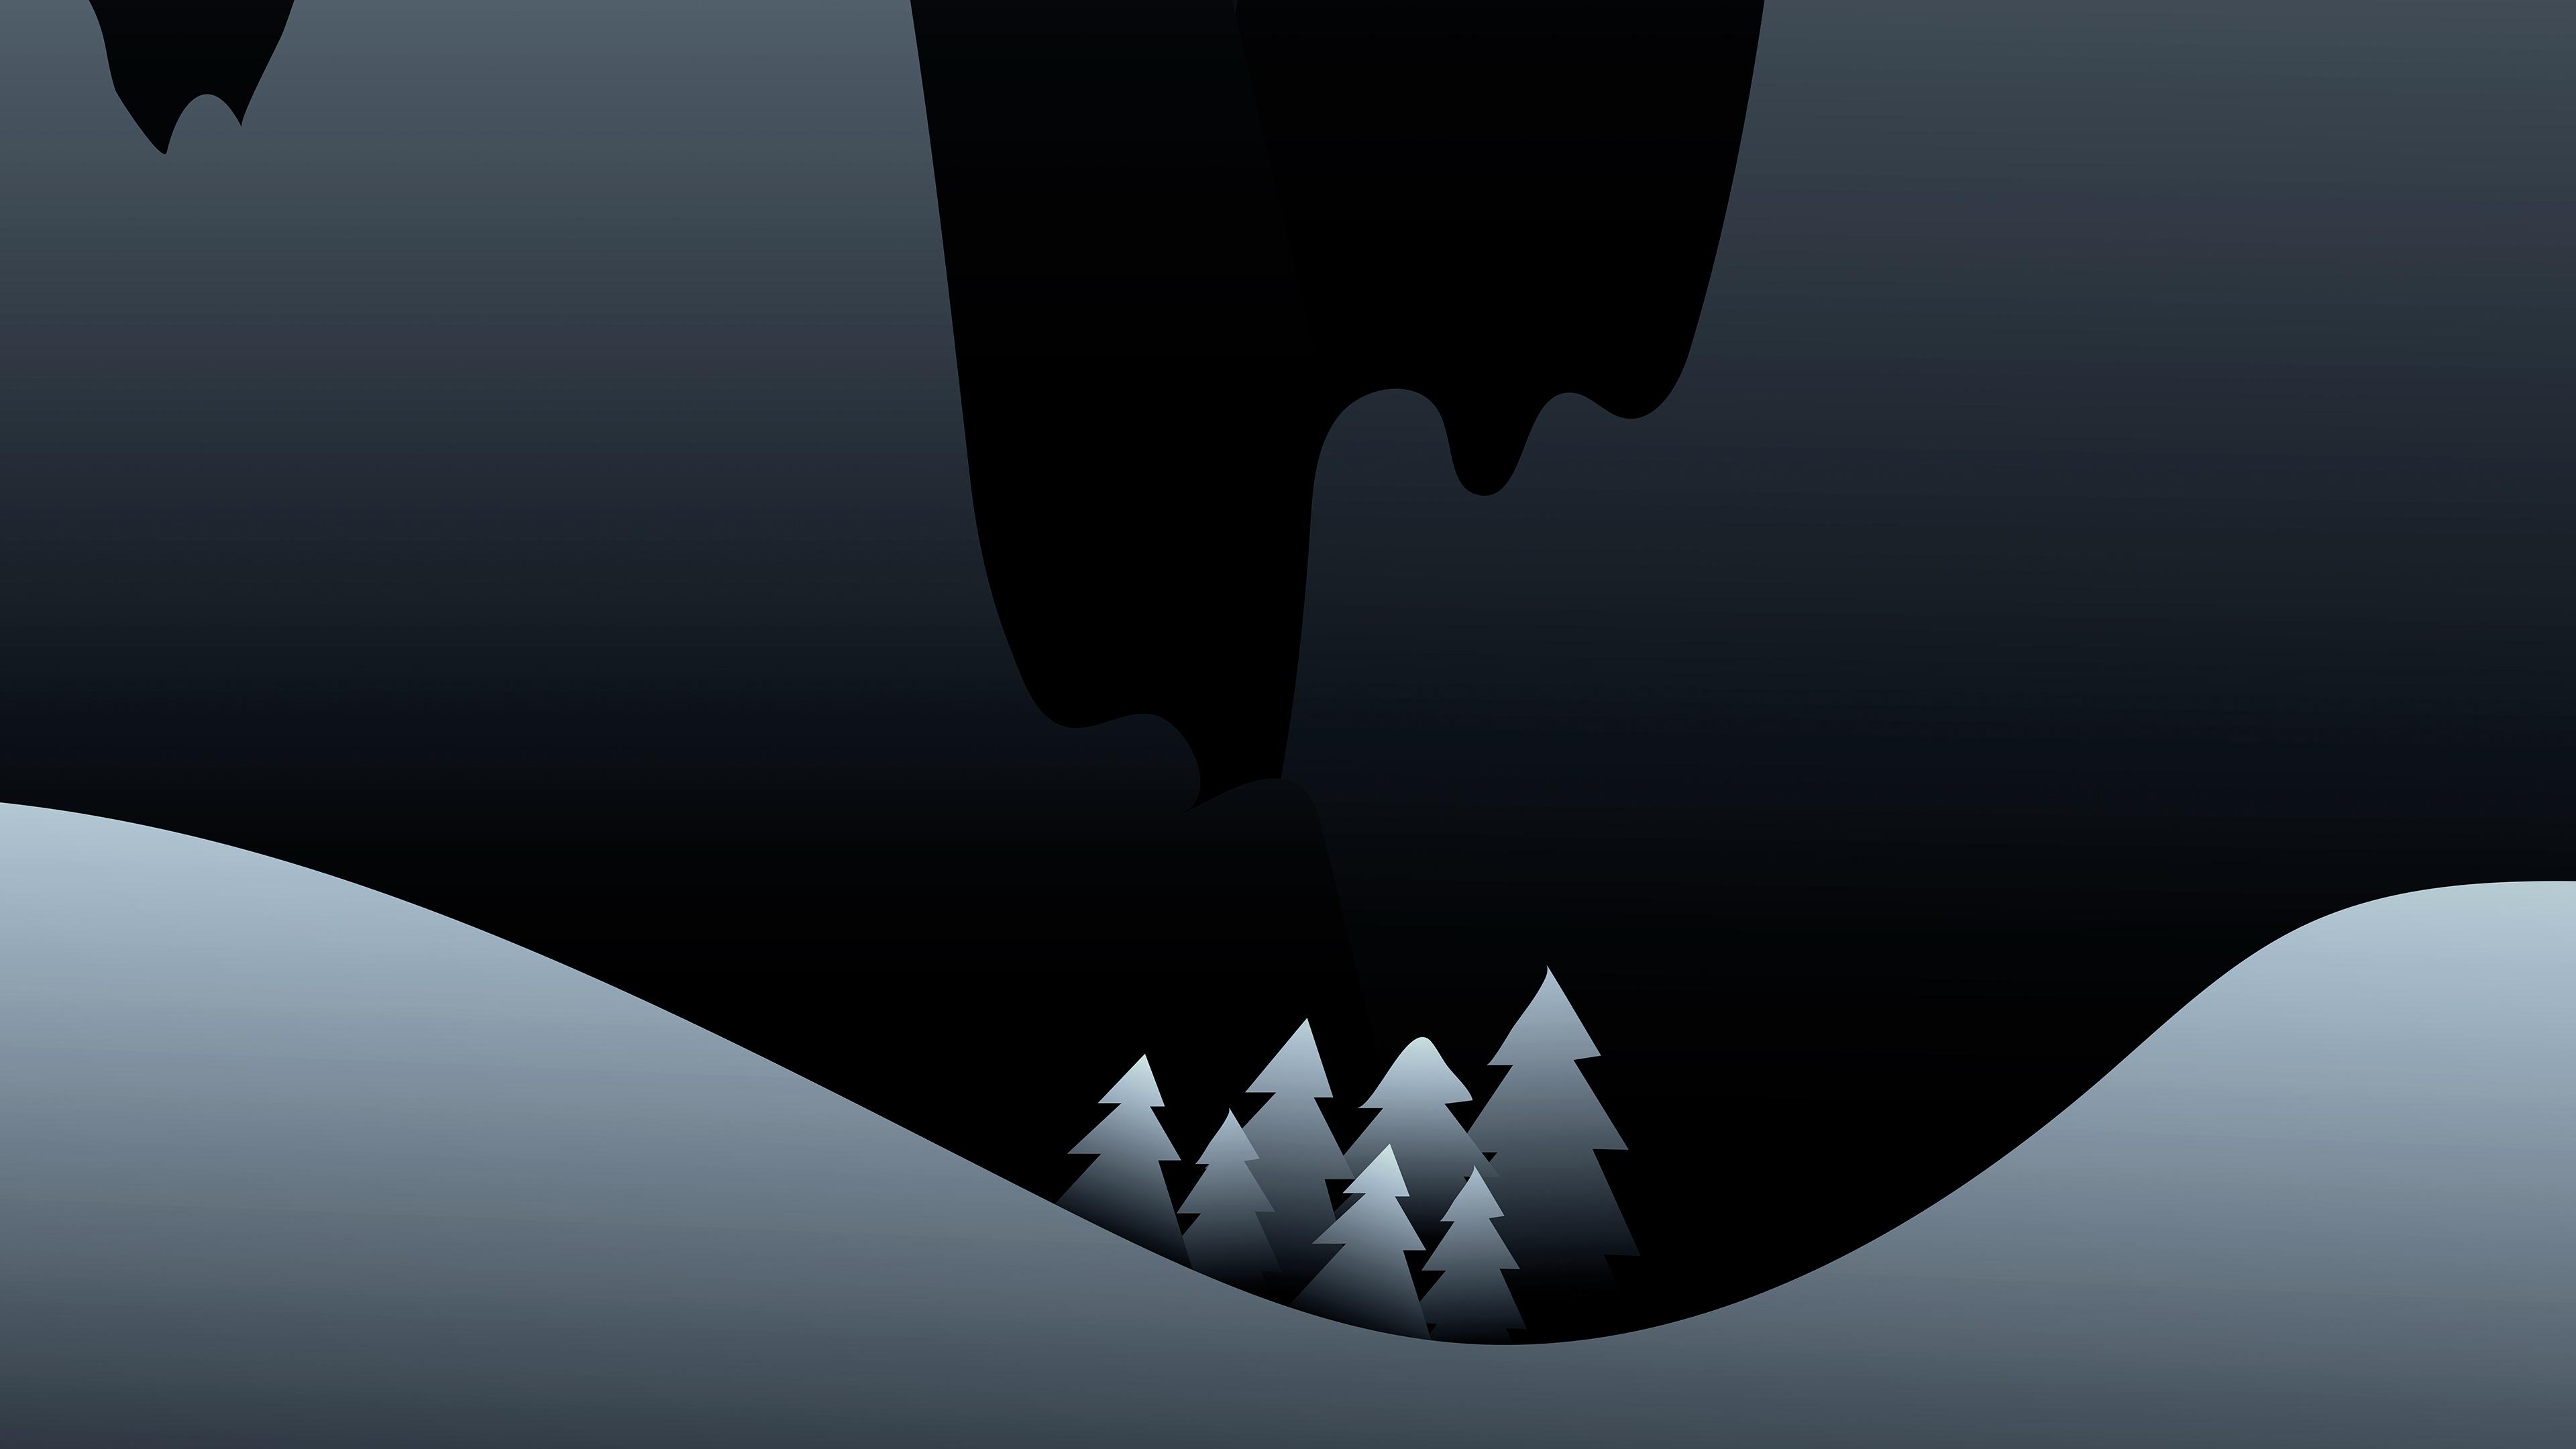 dark night minimalist 4k 1551641793 - Dark Night Minimalist 4k - night wallpapers, minimalist wallpapers, minimalism wallpapers, hd-wallpapers, dark wallpapers, behance wallpapers, artwork wallpapers, artist wallpapers, 4k-wallpapers